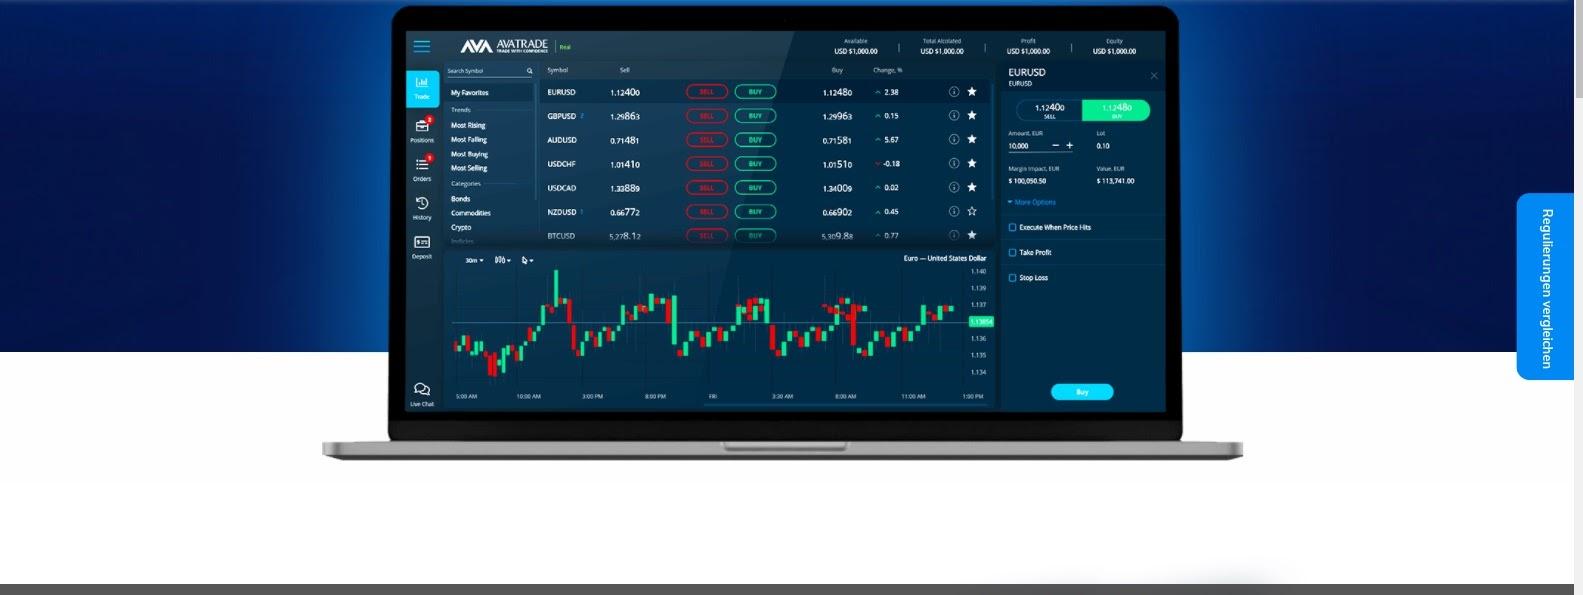 Собственная торговая платформа AvaTrade также доступна в виде приложения.